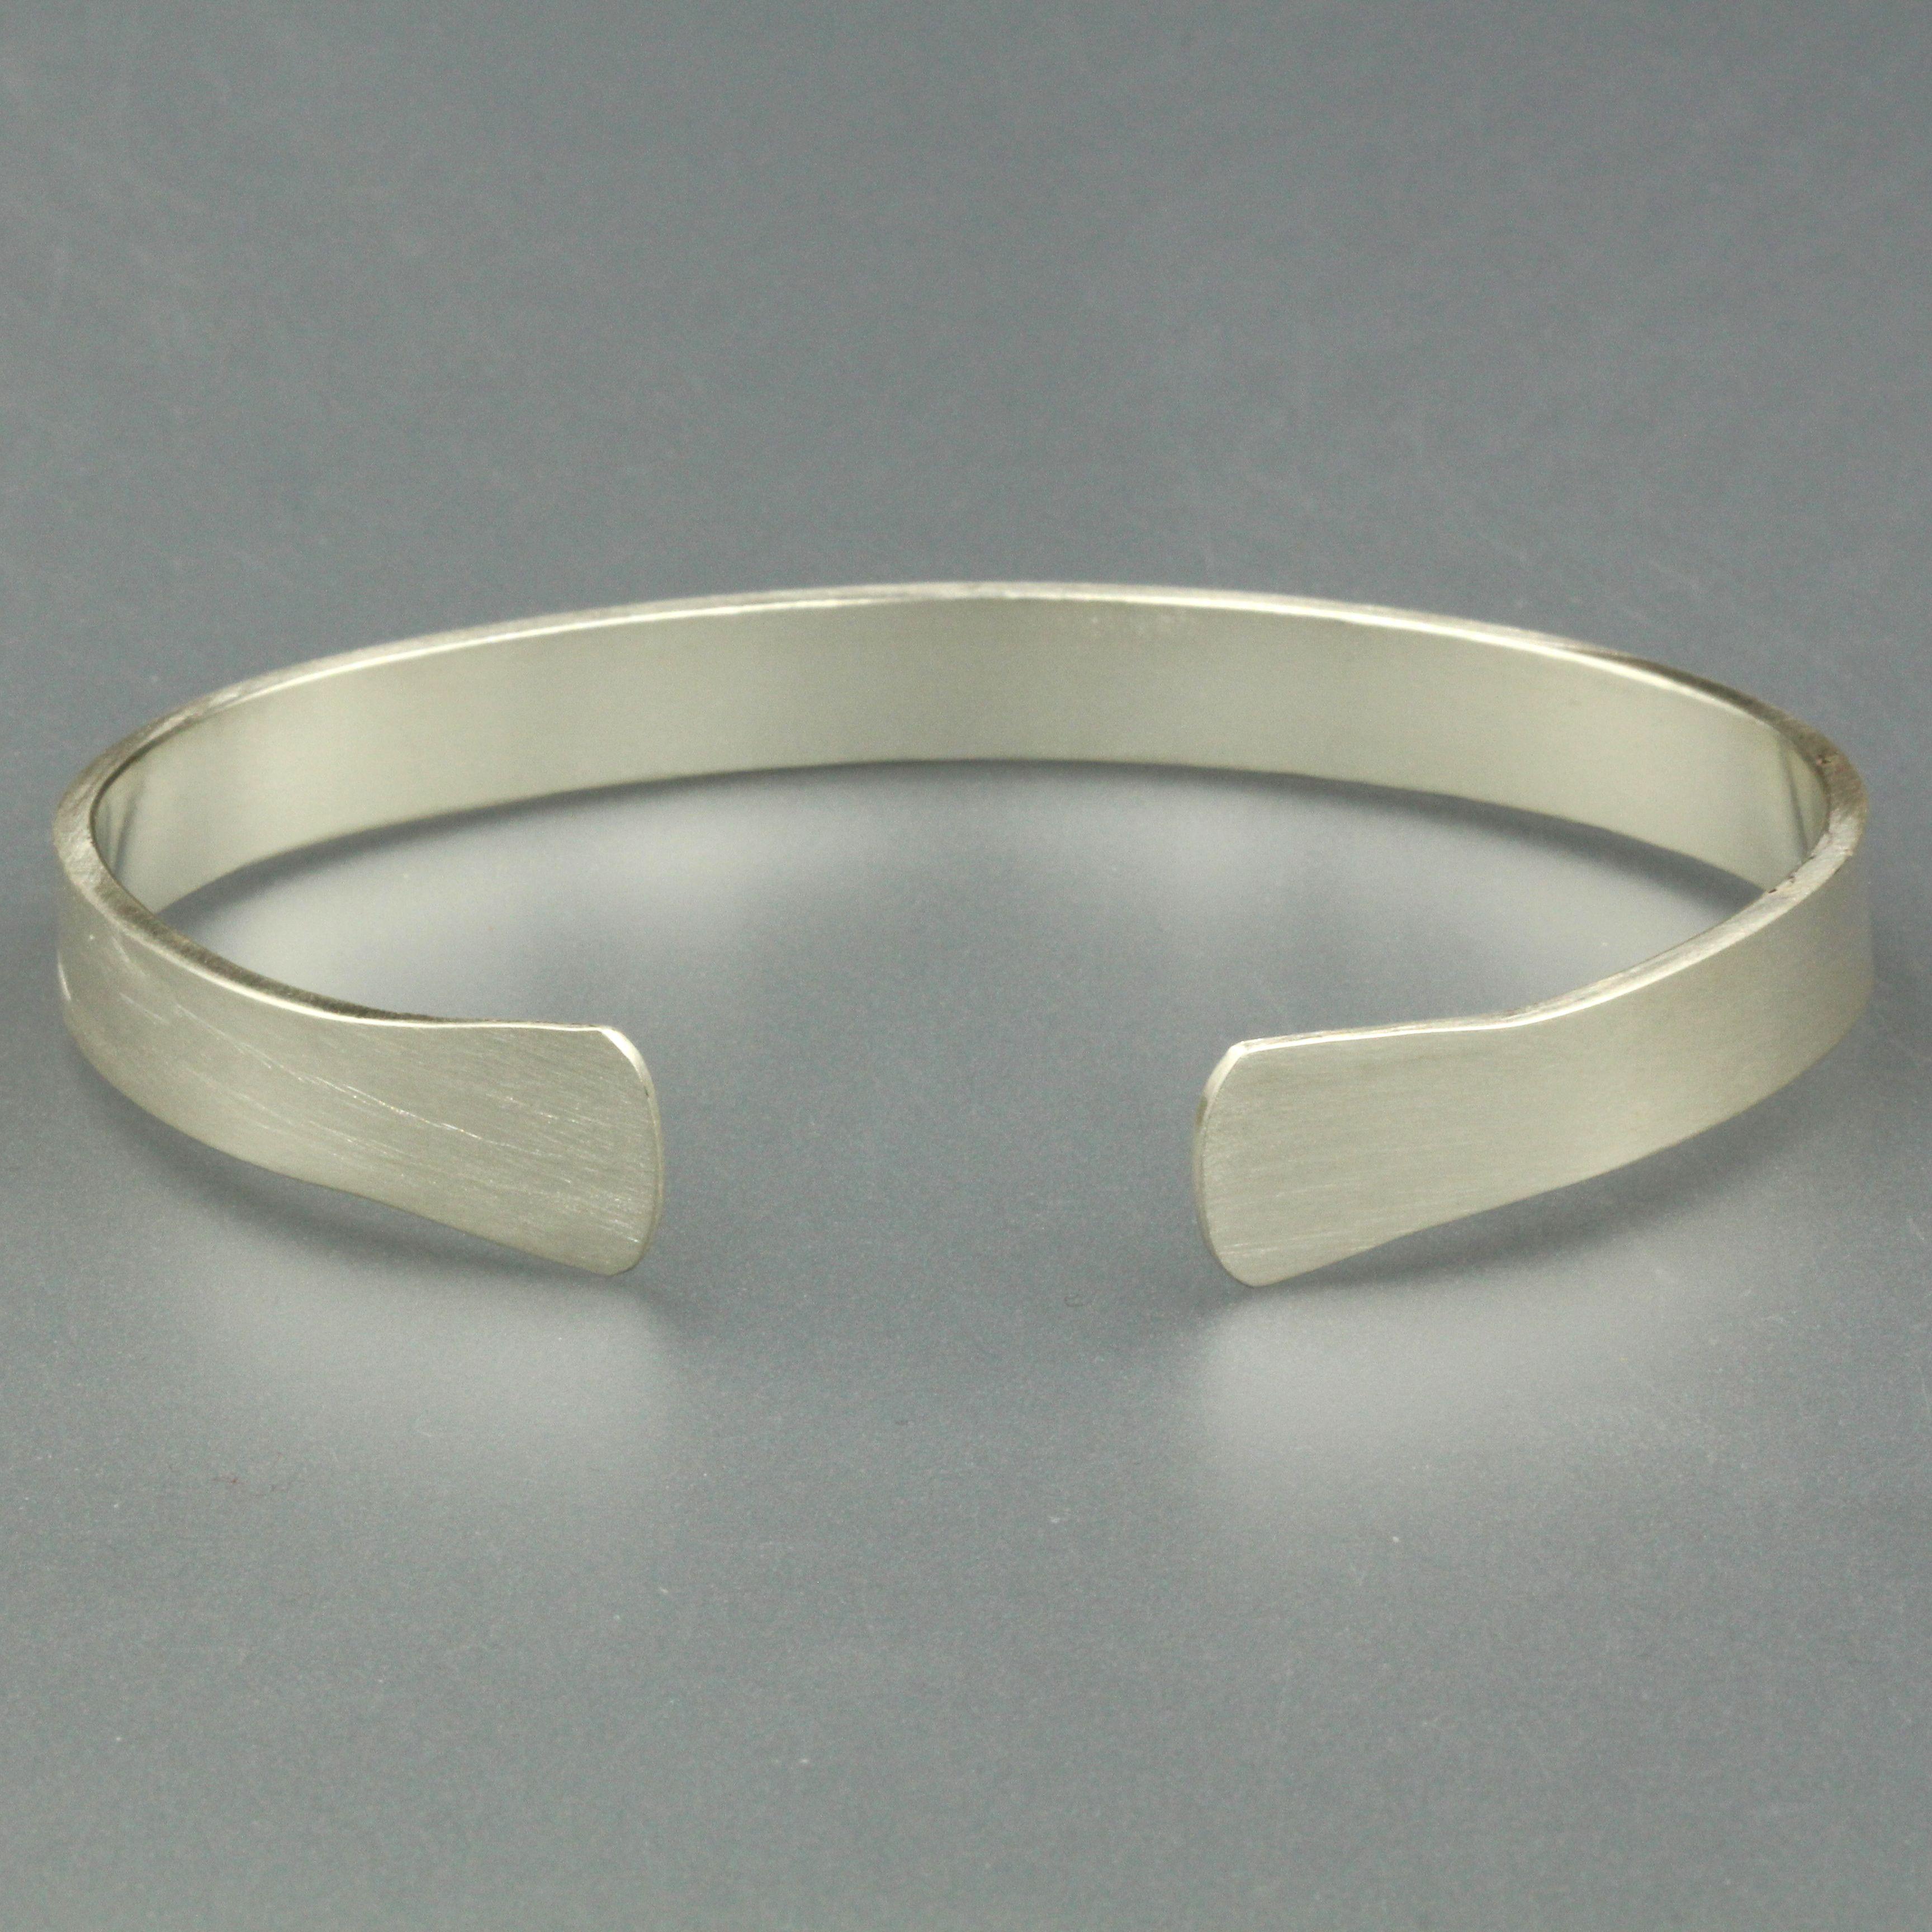 Bracelets Cuff Bracelet Silver Bracelet Bracelet For Men Etsy Silver Bracelet Bracelets For Men Silver Bracelets